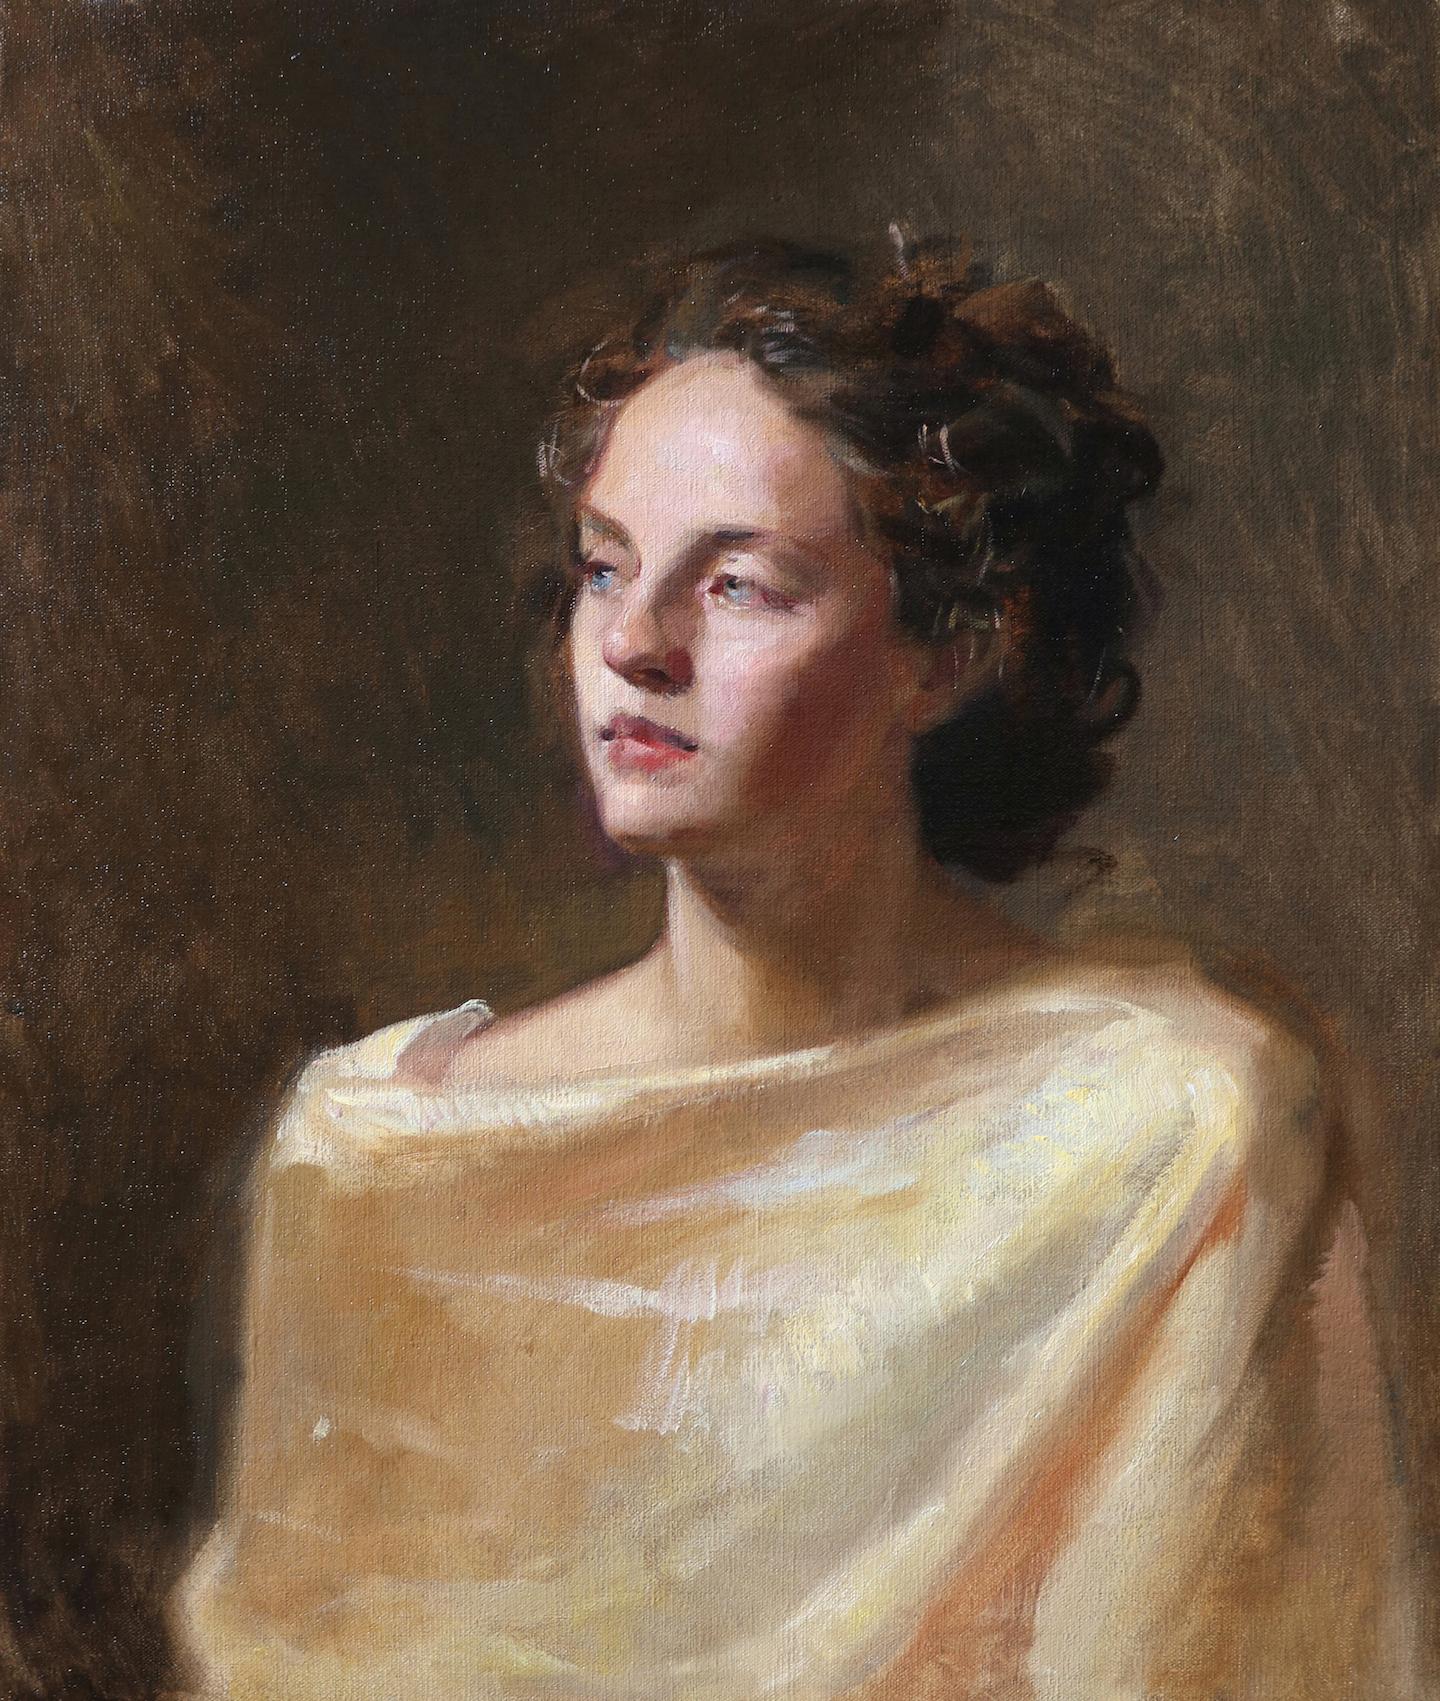 'Ylenia' 65 cm x 55 cm Oil on linen